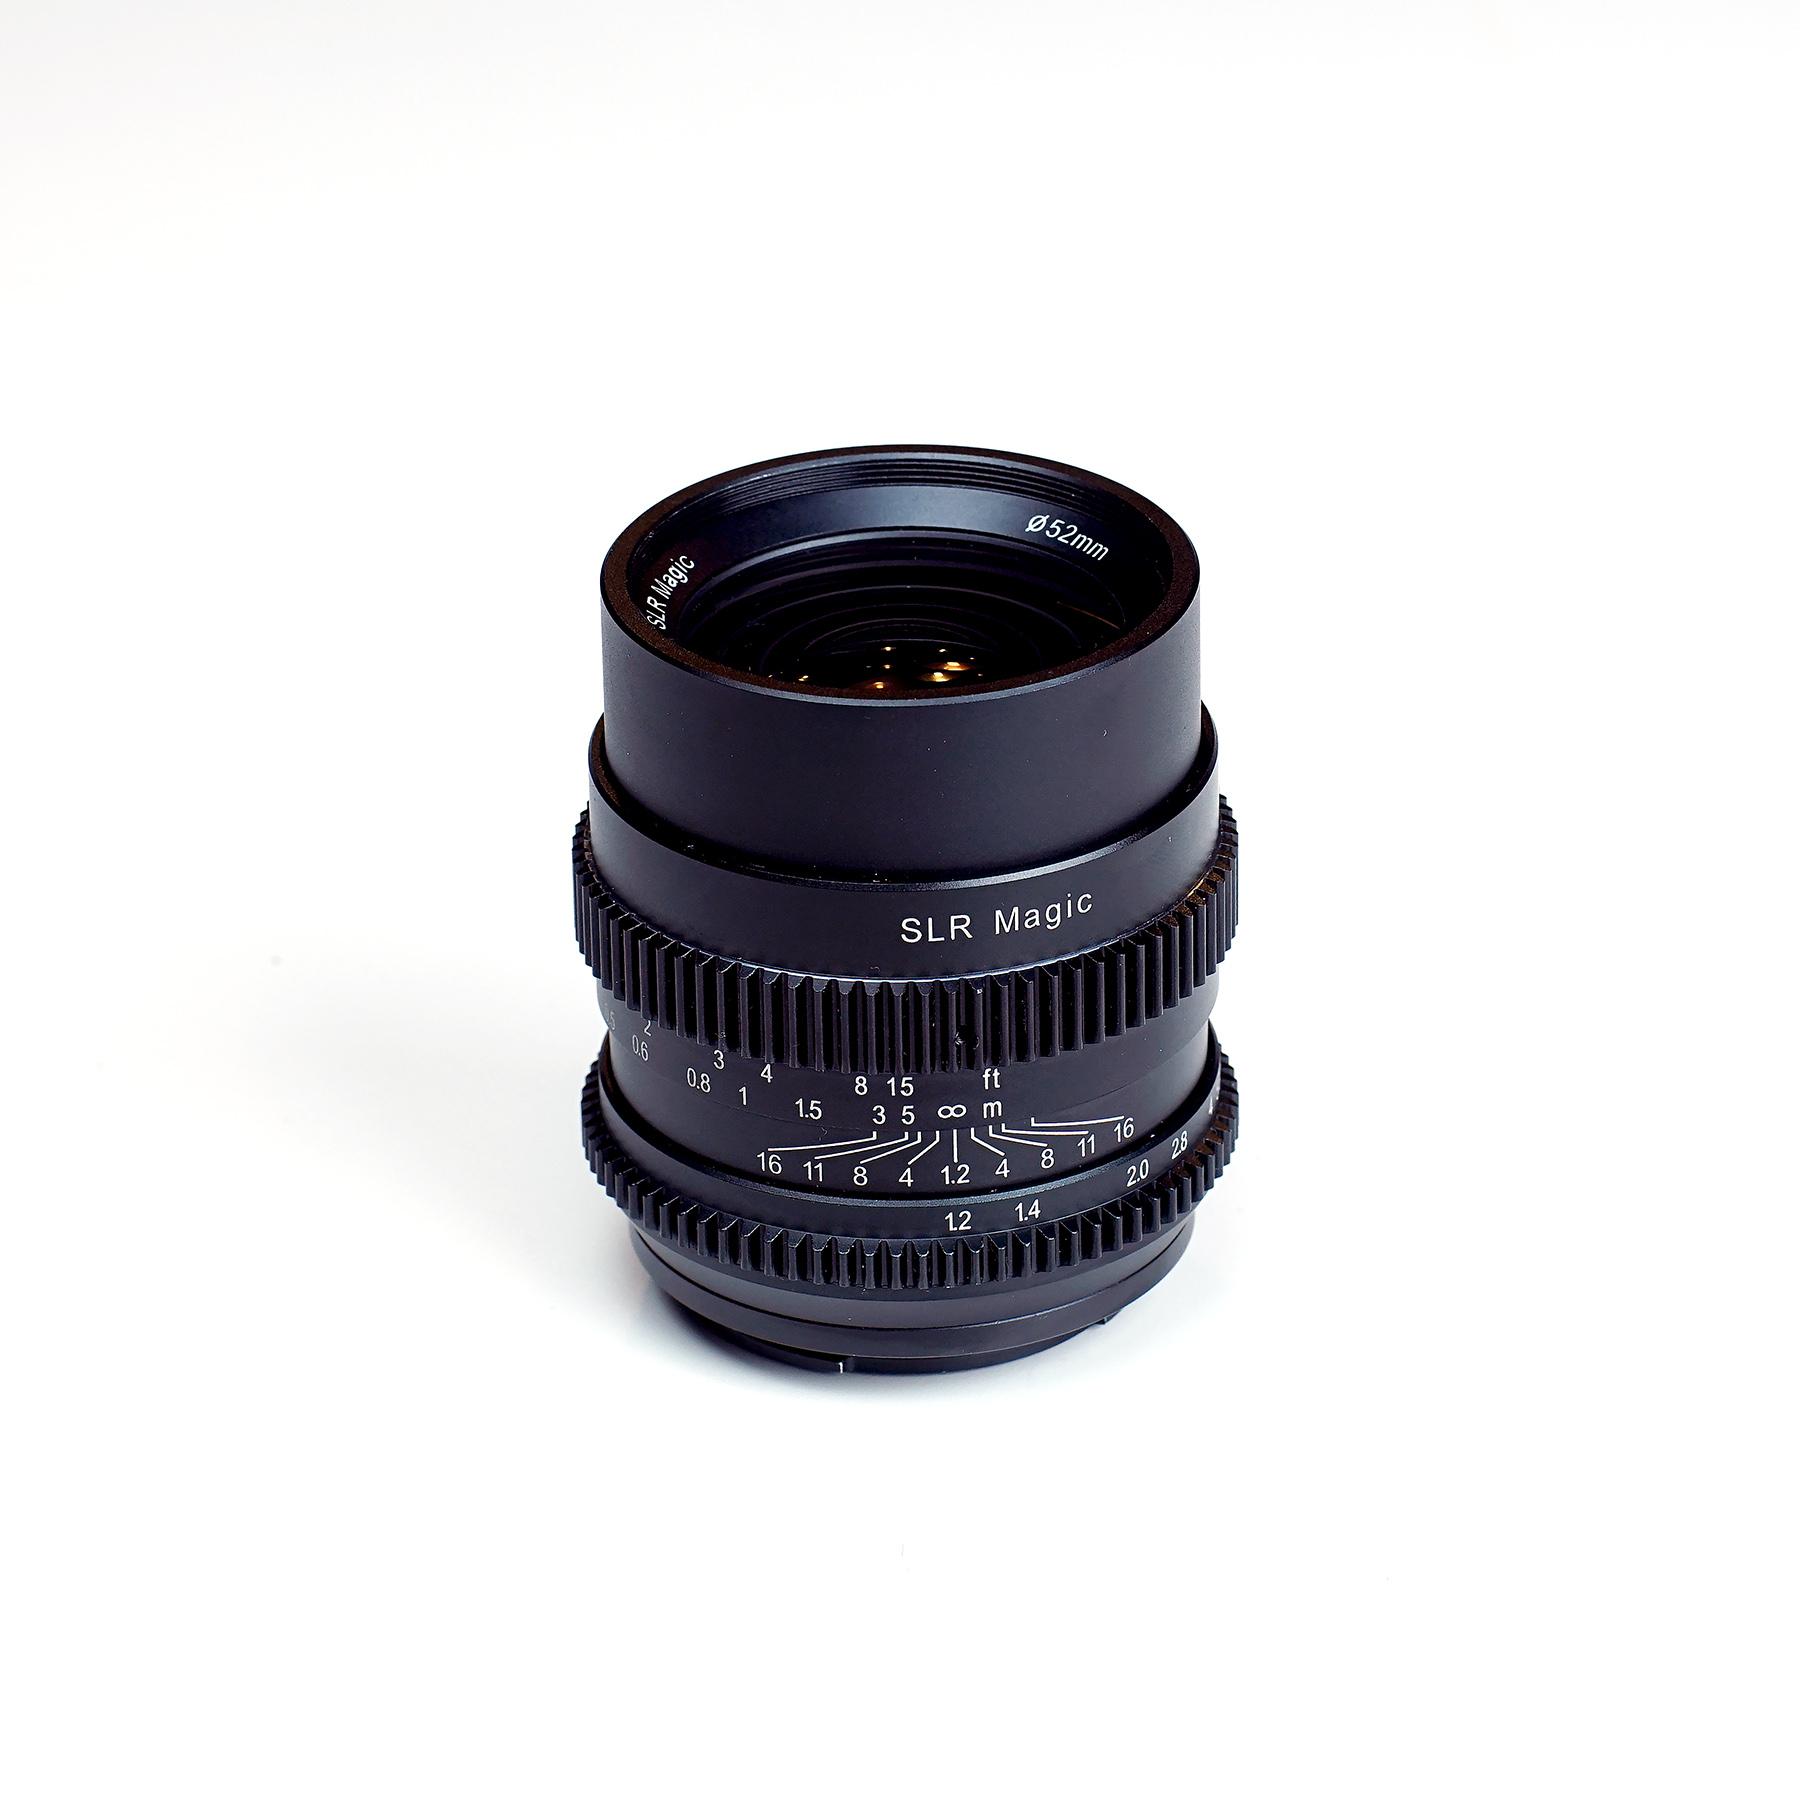 slr magic announce two new sony fe full frame lenses the cine 35mm f12 and cine 75mm f14